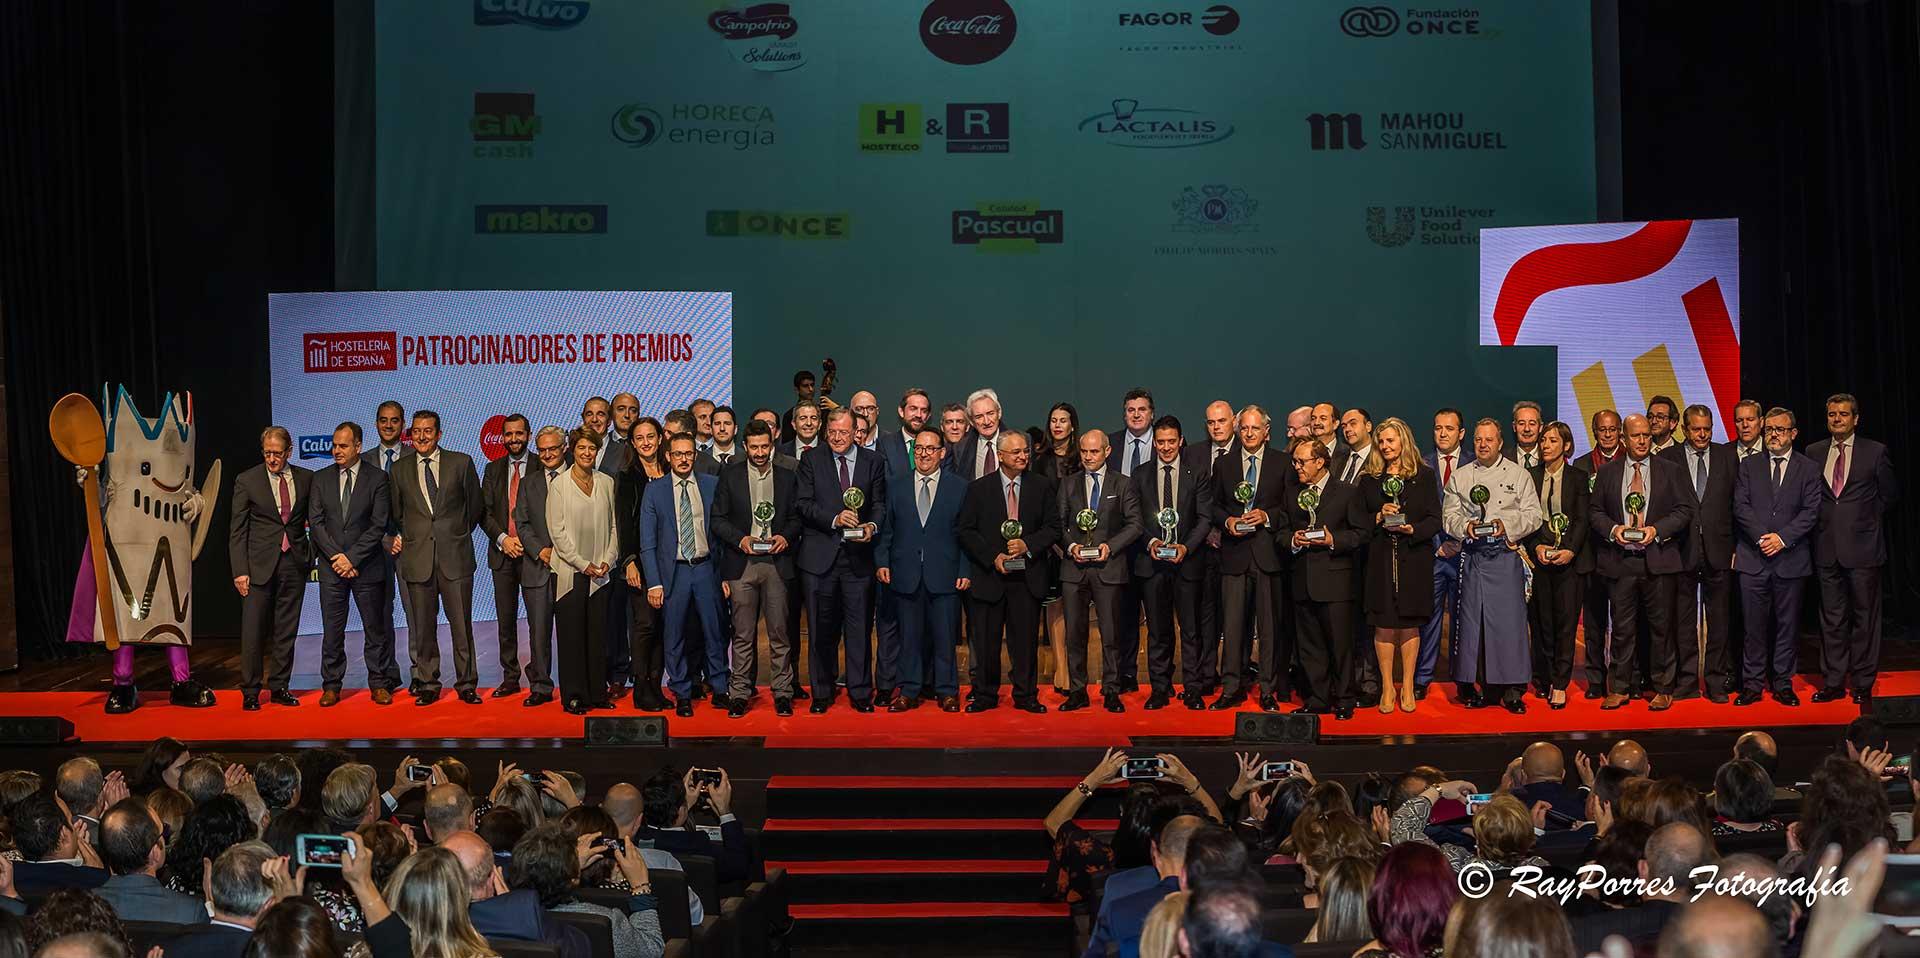 cofradia-del-desarme-recibe-premios-nacionales-de-hosteleria-2018-3